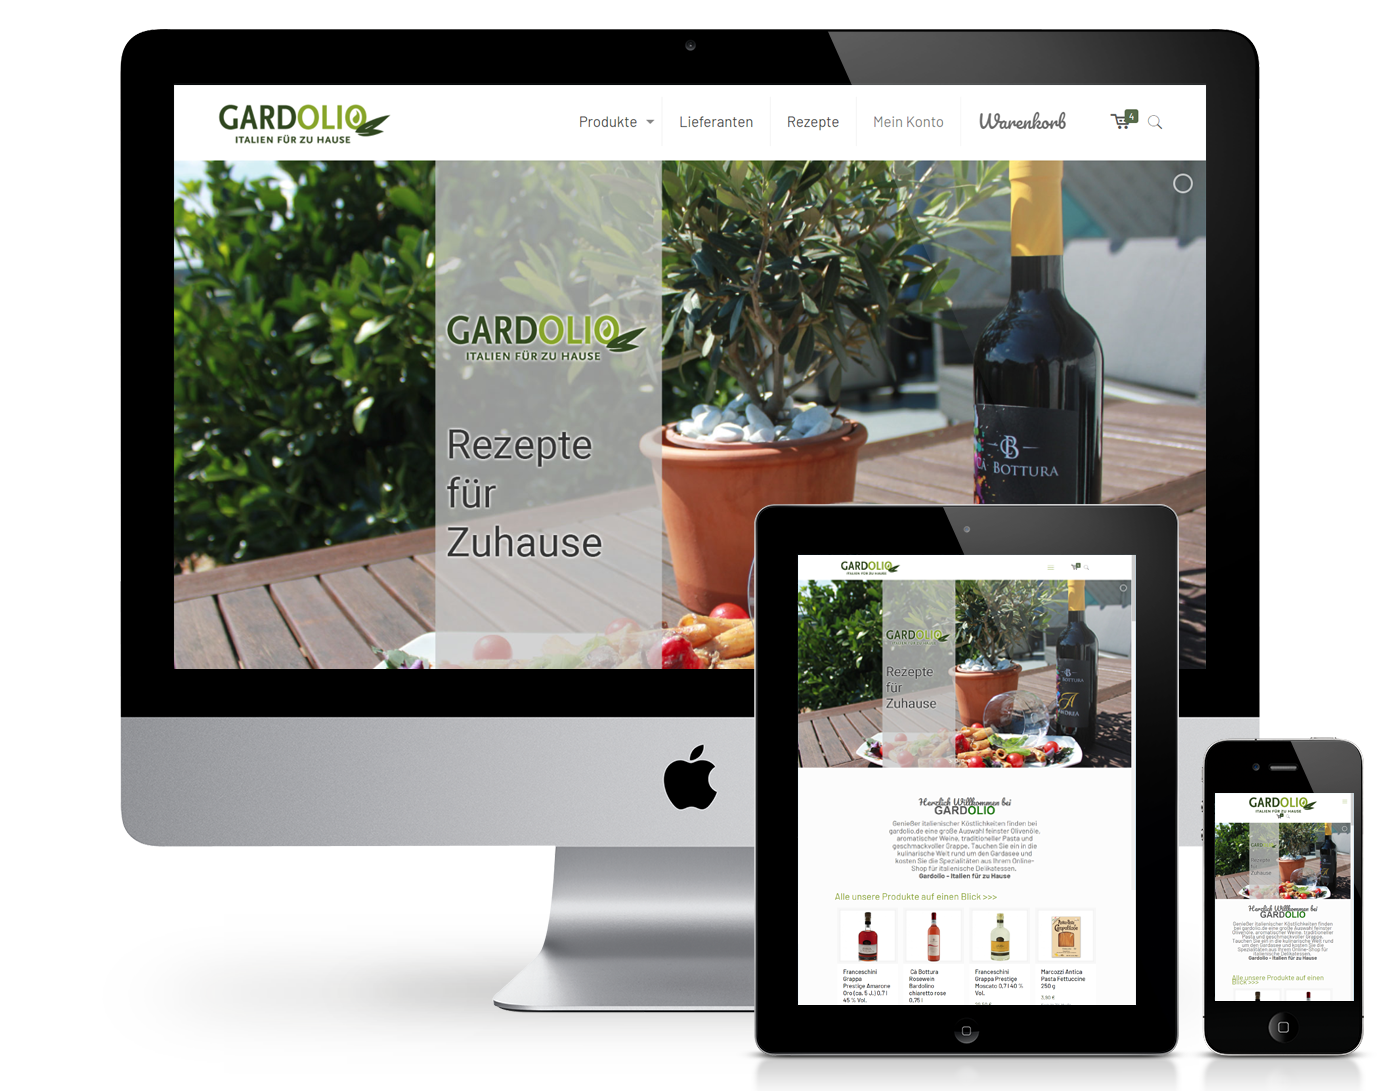 gardolio - reklamemax